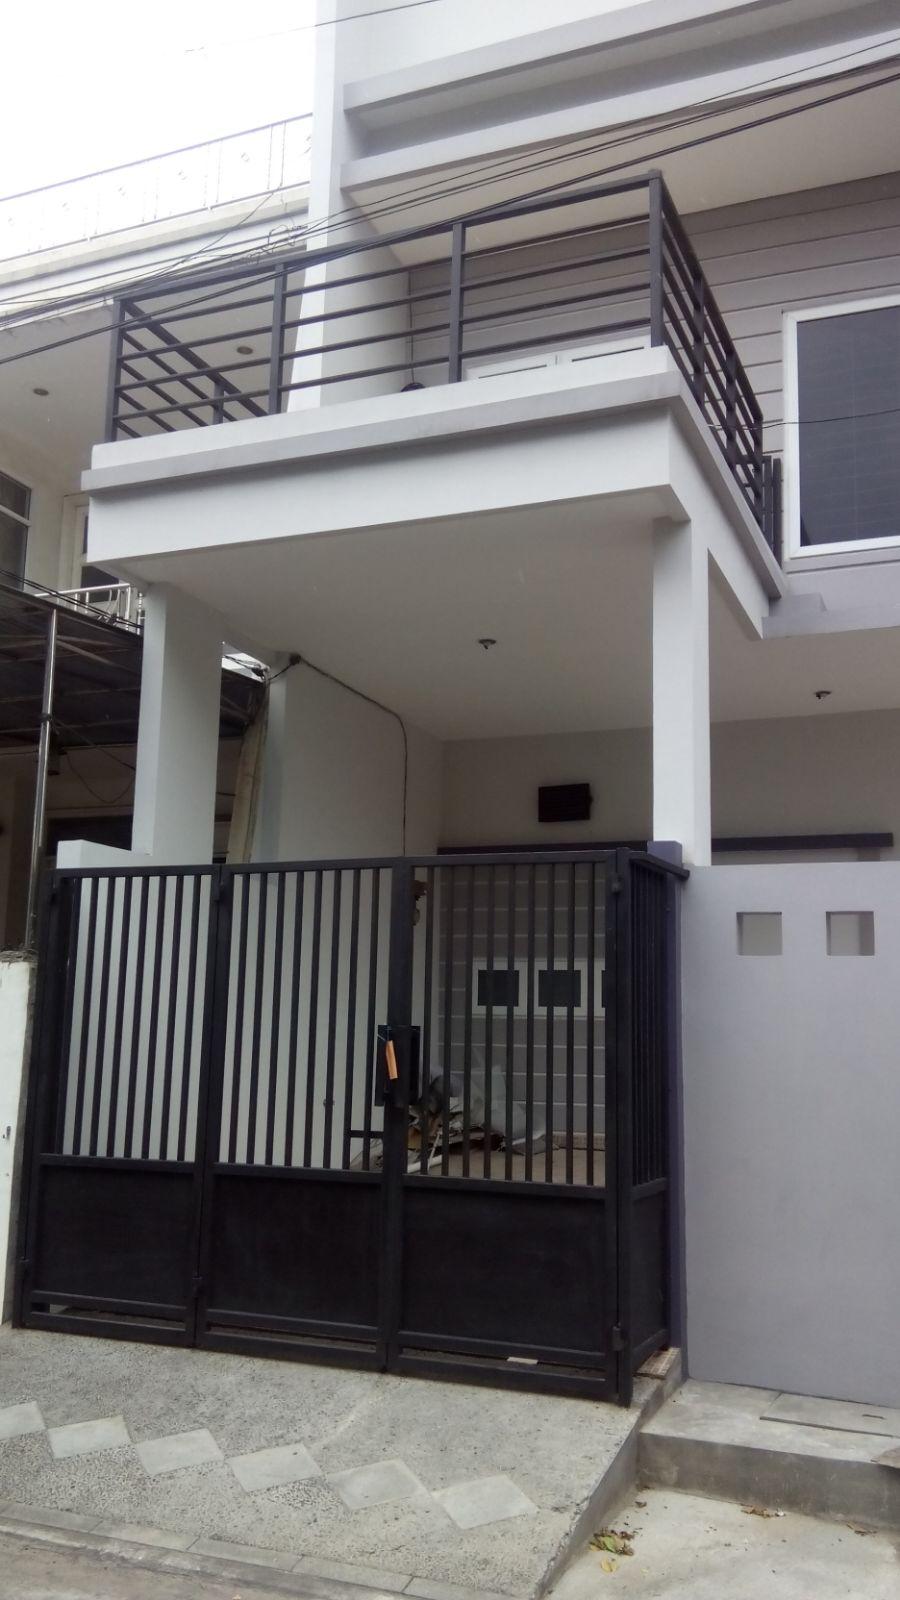 Estimasi Biaya Pembuatan Pagar Rumah Minimalis Arsitekhom